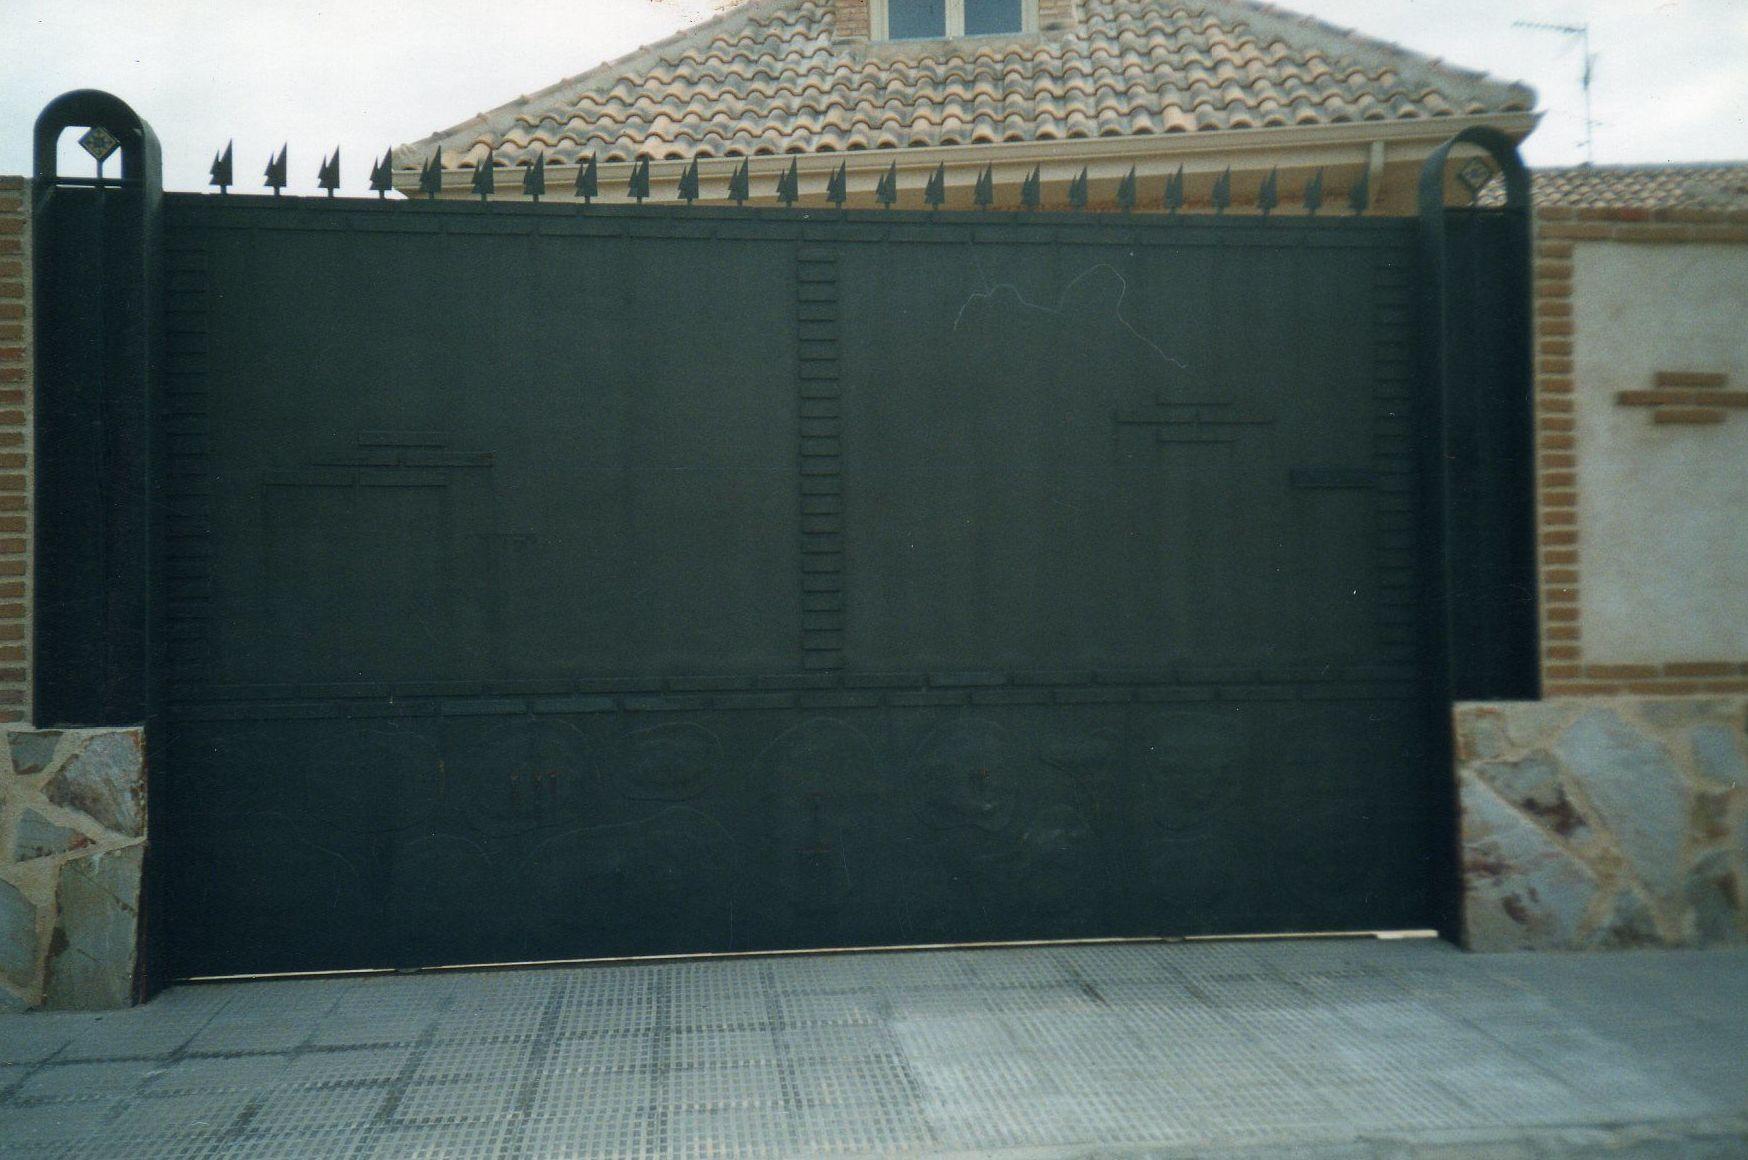 Puerta corredera que imita al muro